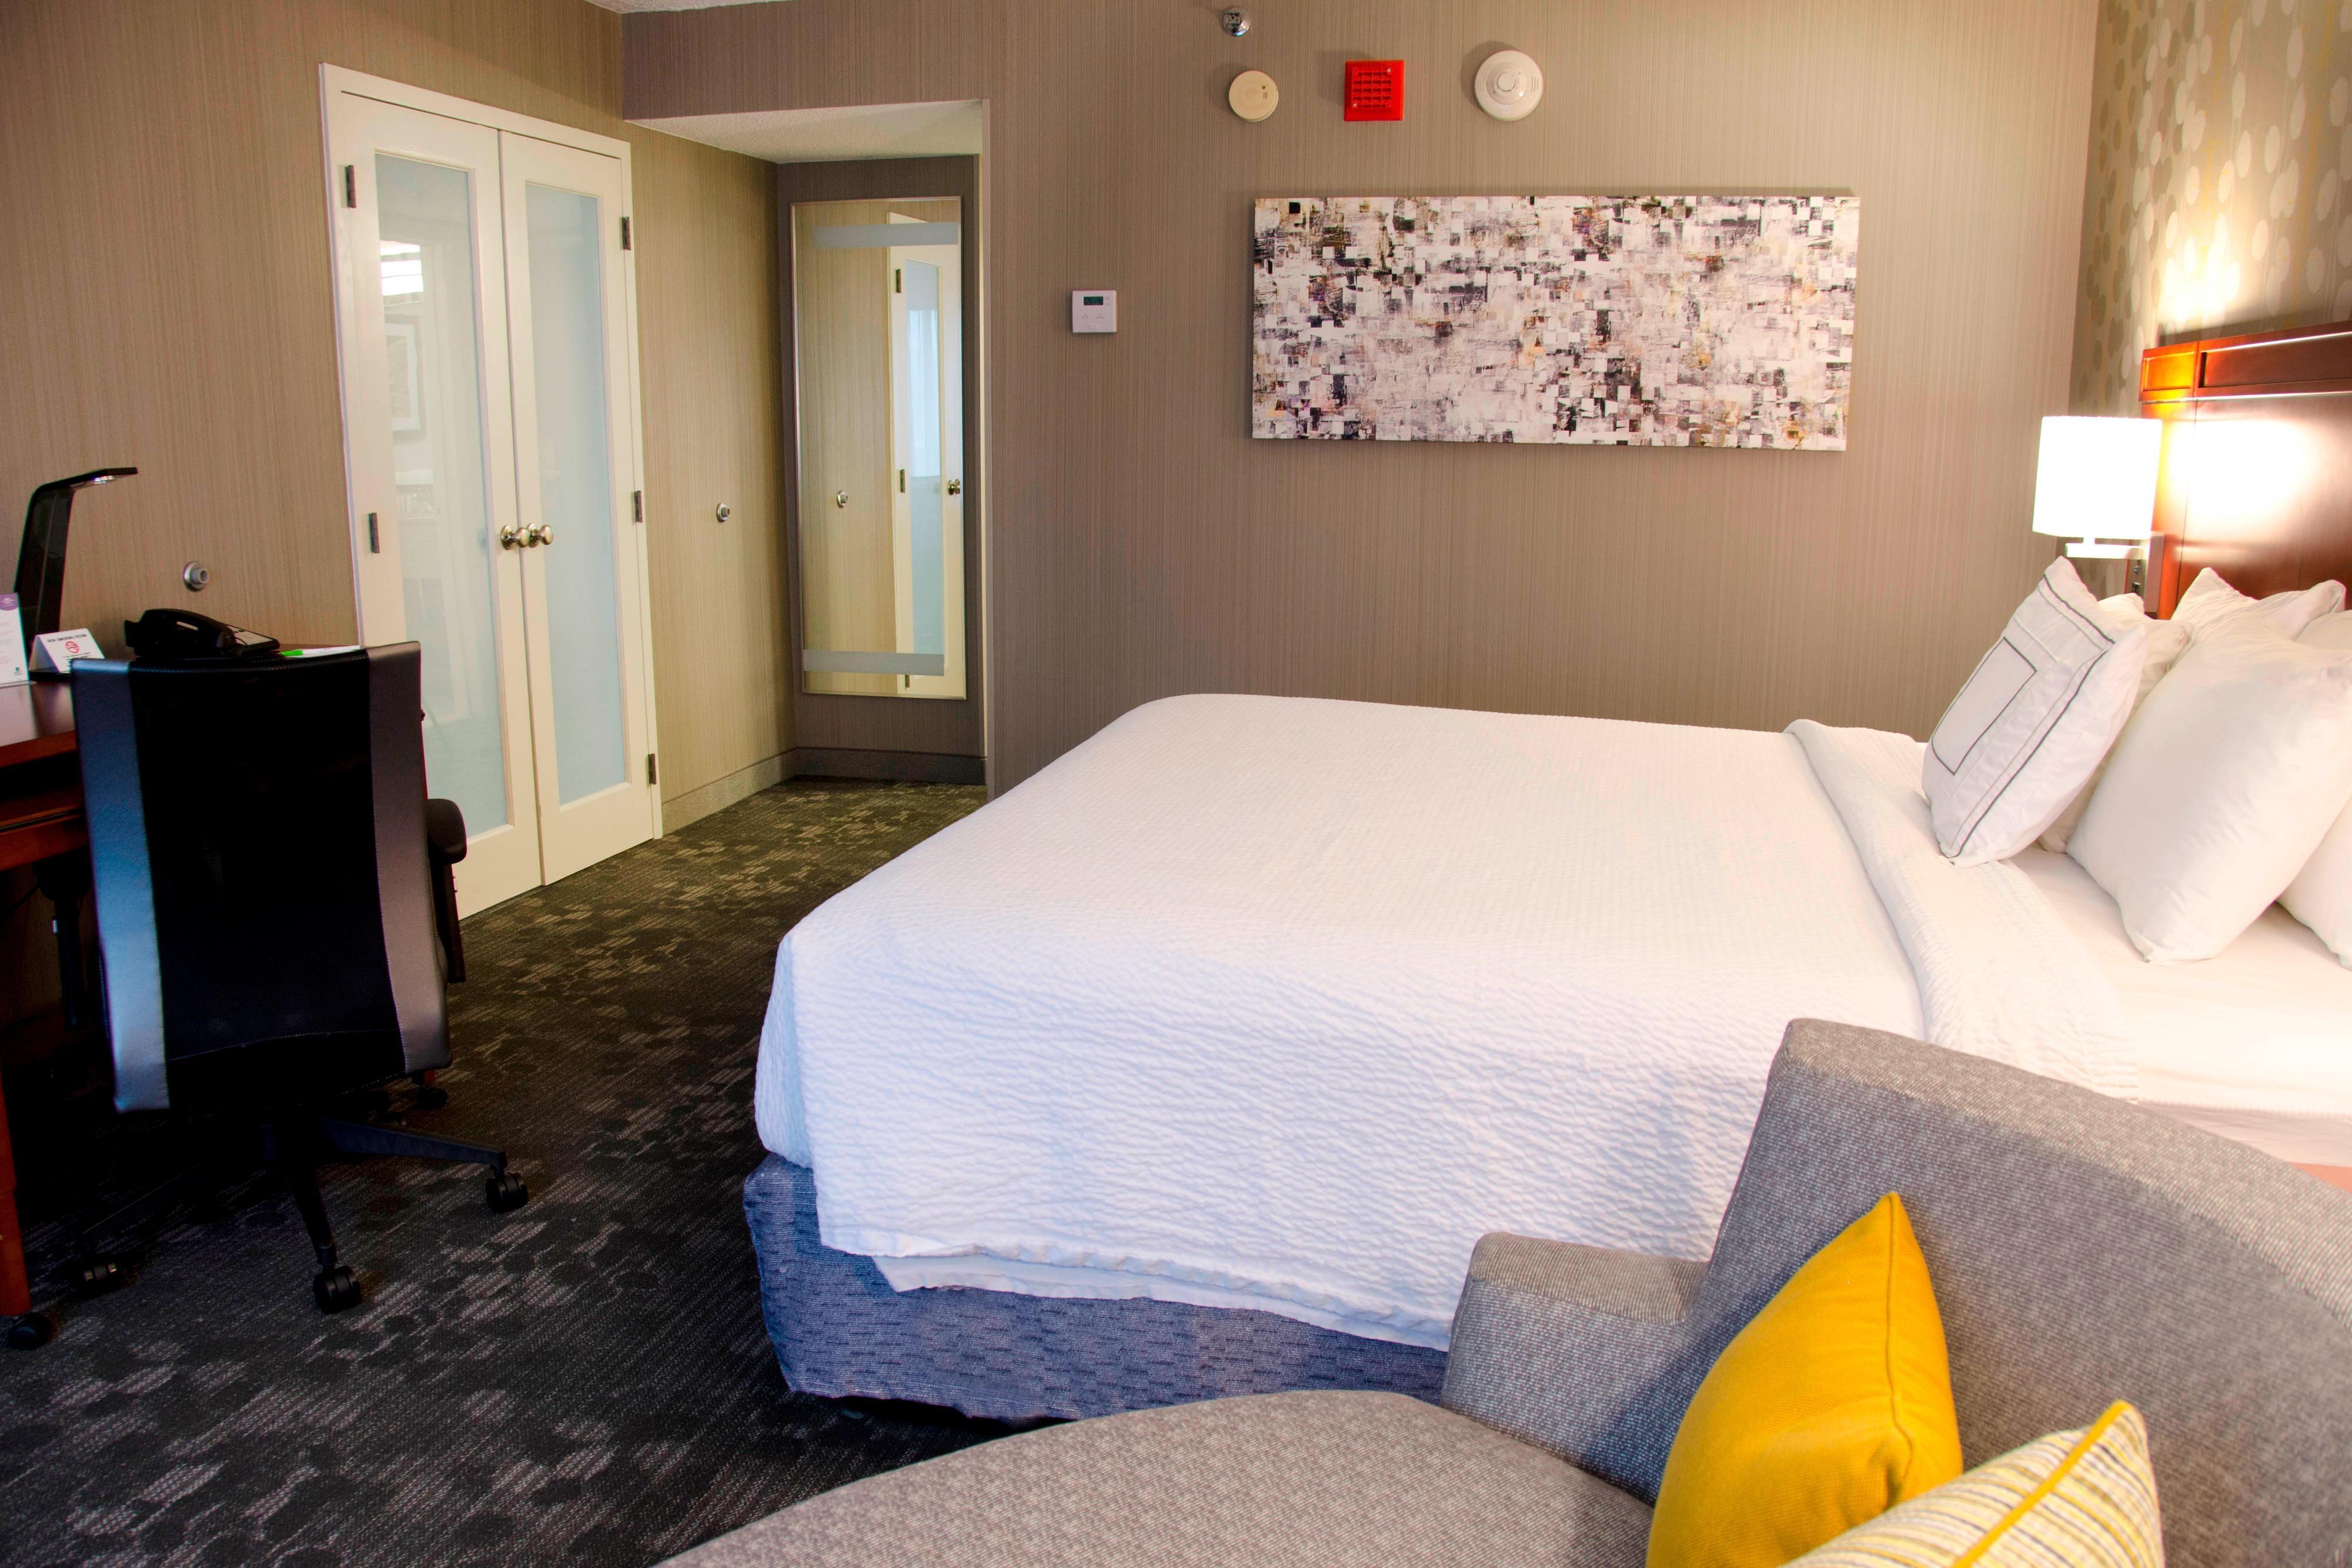 Waterbury Marriott Rooms  Suites  Courtyard by Marriott